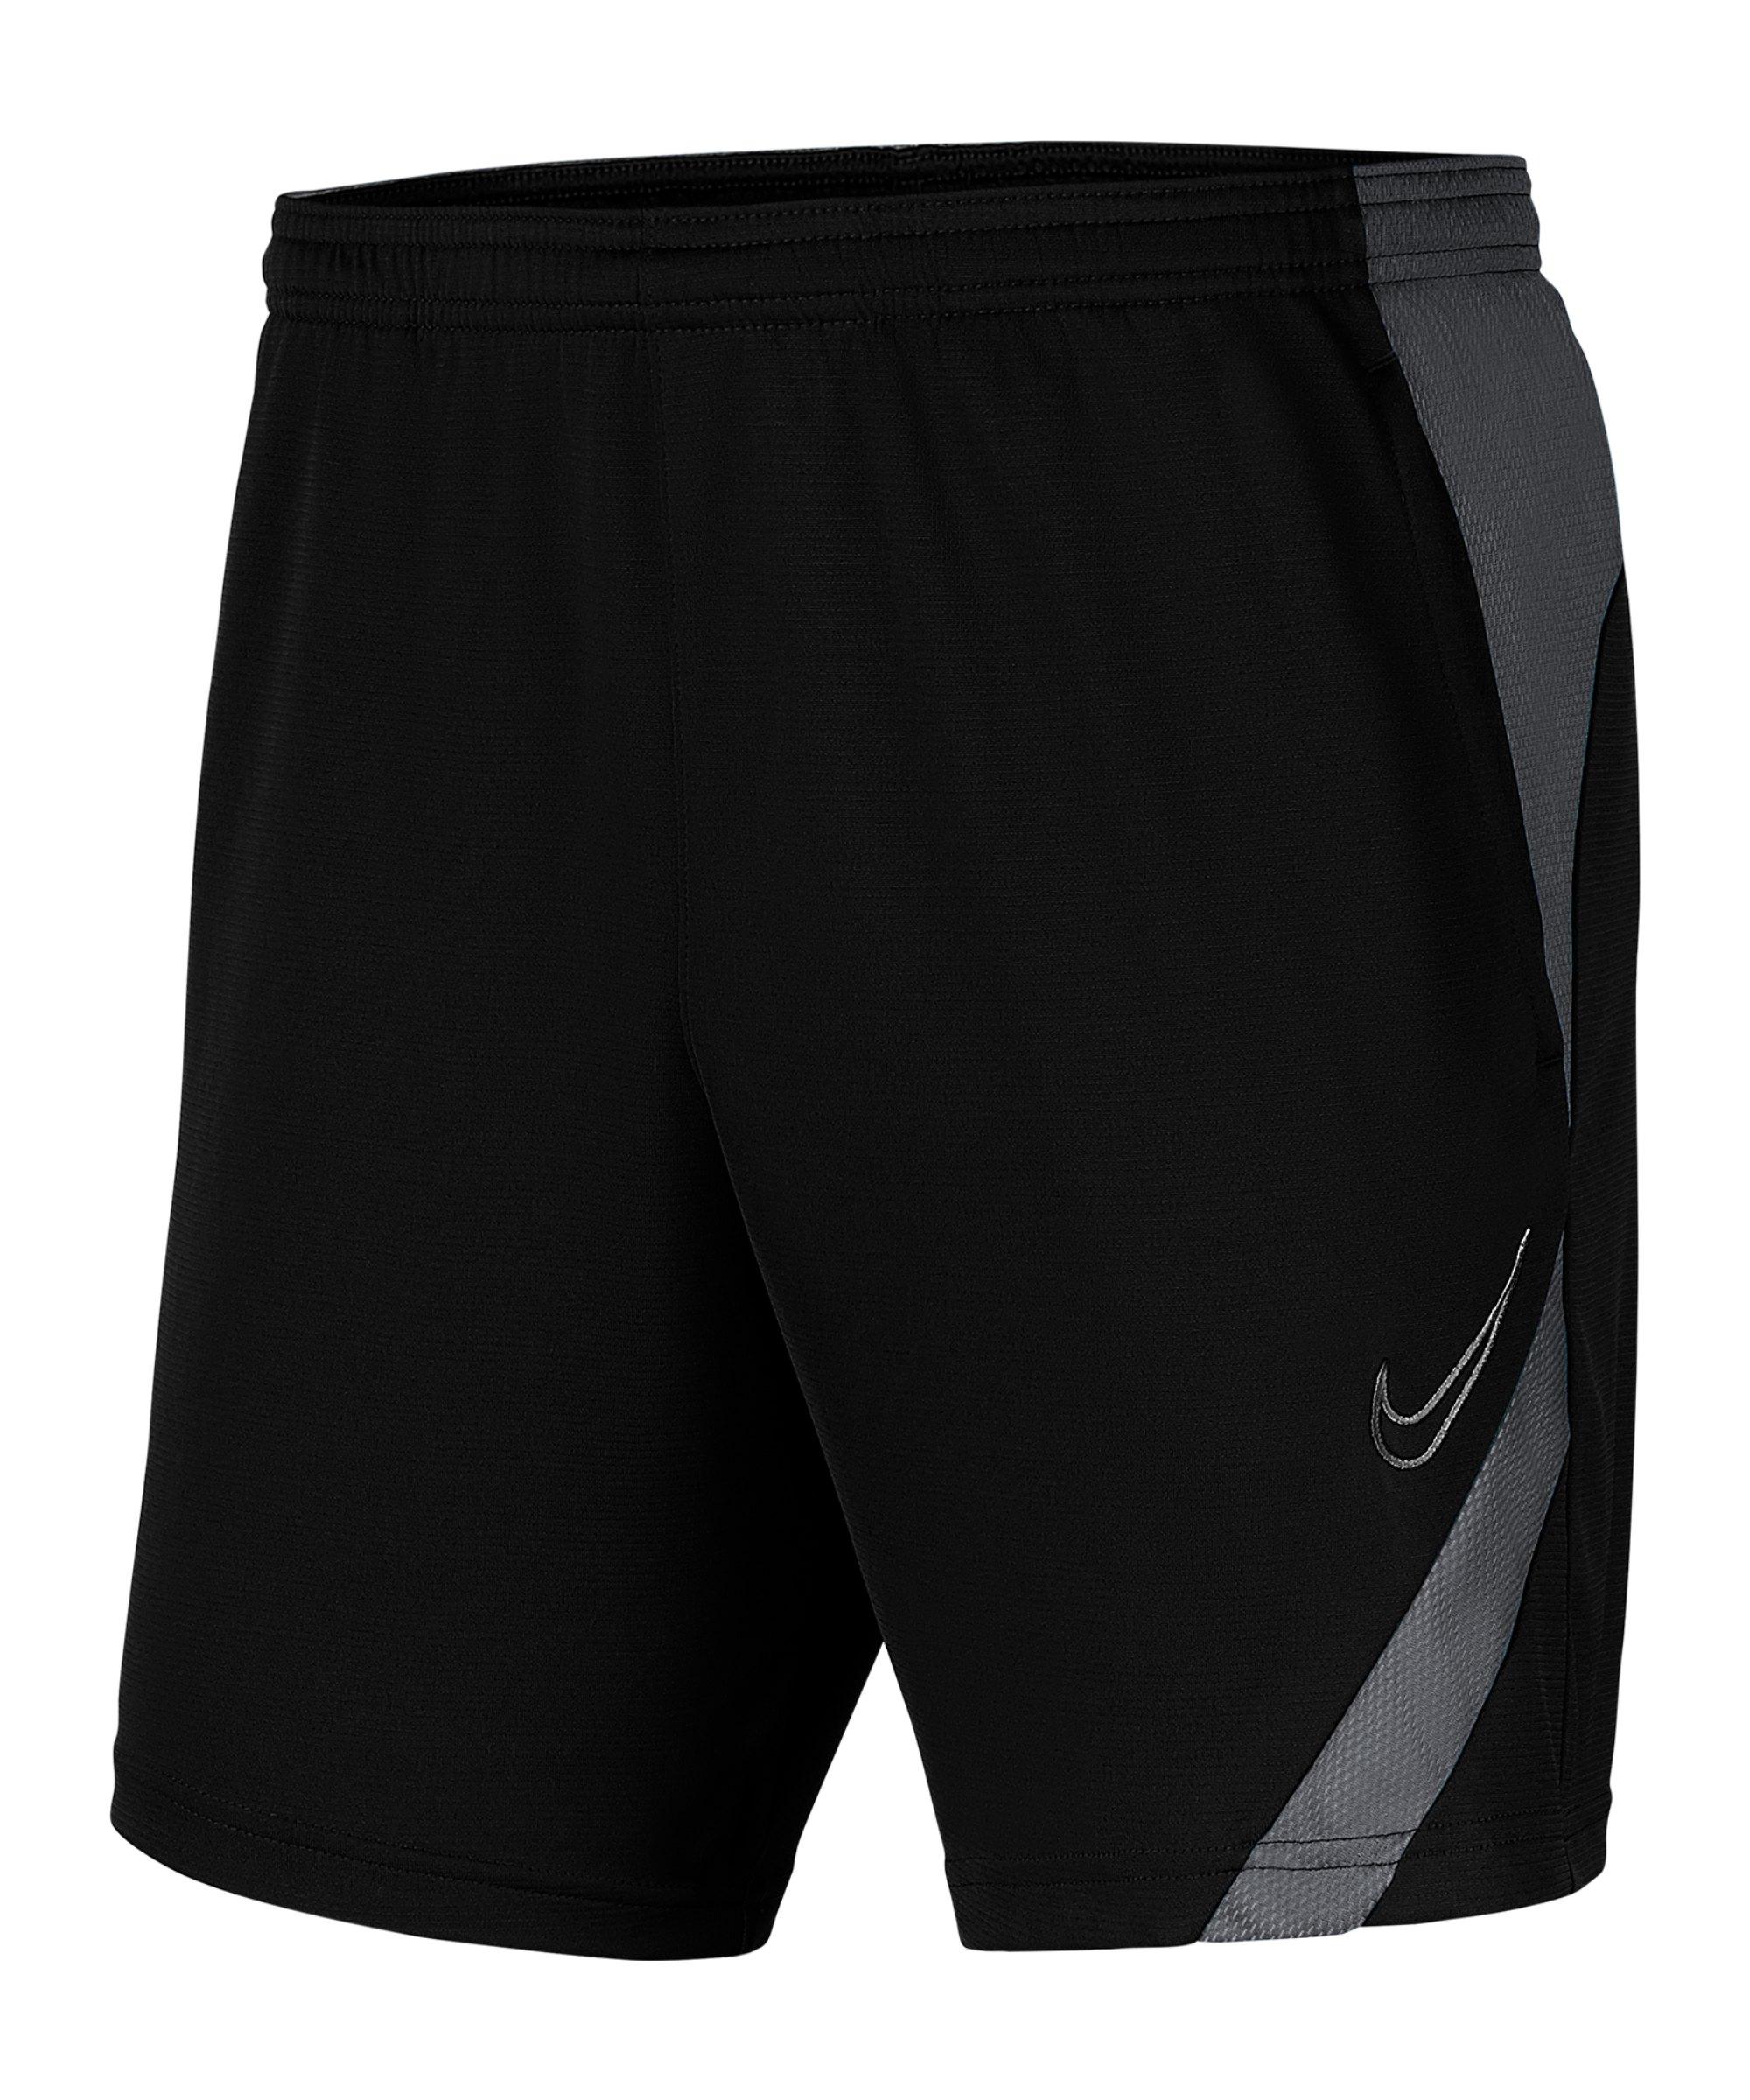 Nike Academy Pro Short Grau Schwarz F010 - schwarz